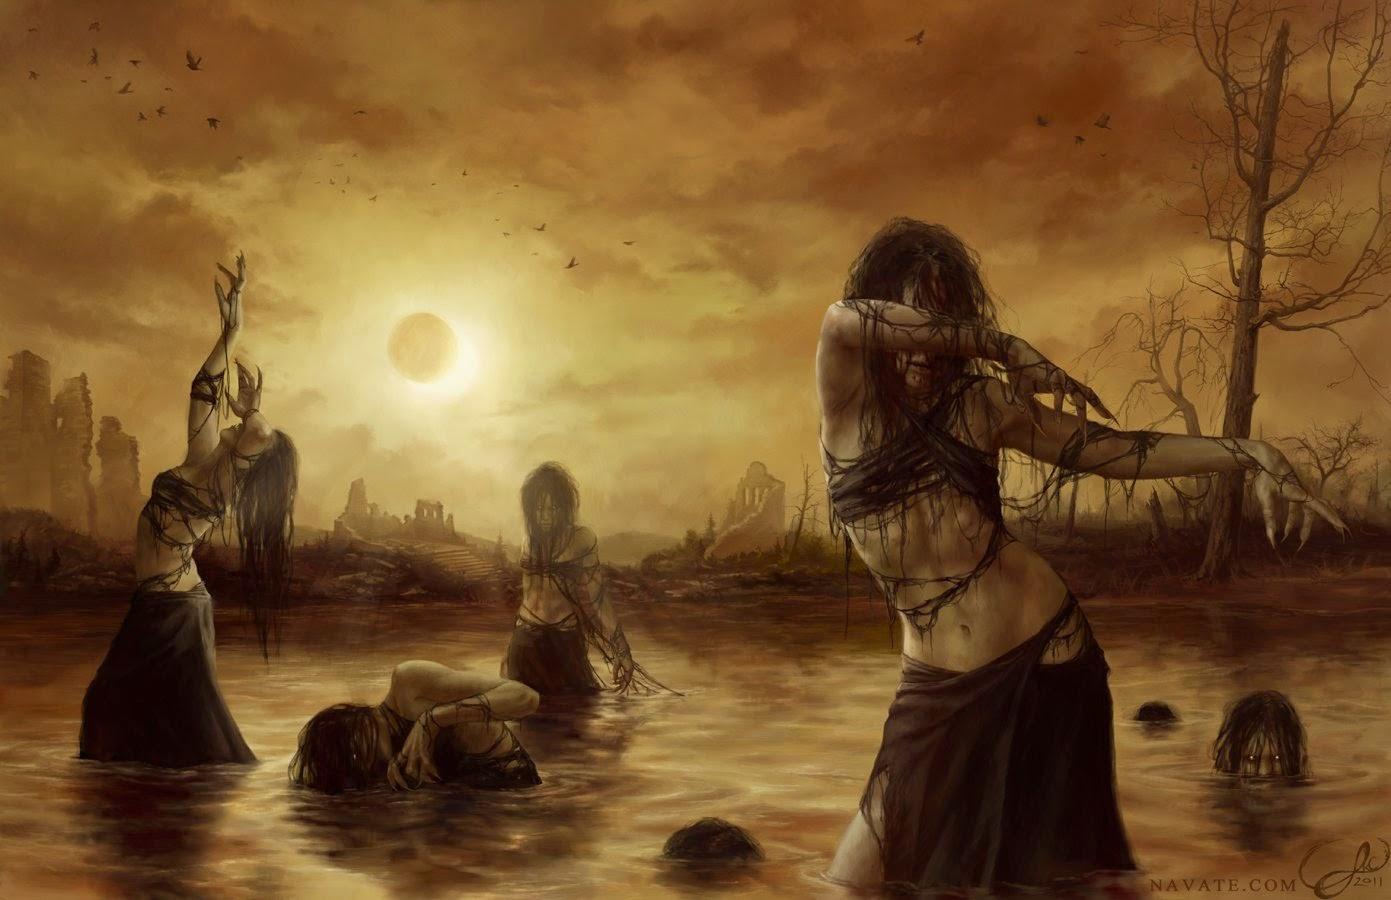 Imagen obscura de unas brujas saliendo de un pantano bajo un eclipse y un fondo en ruinas